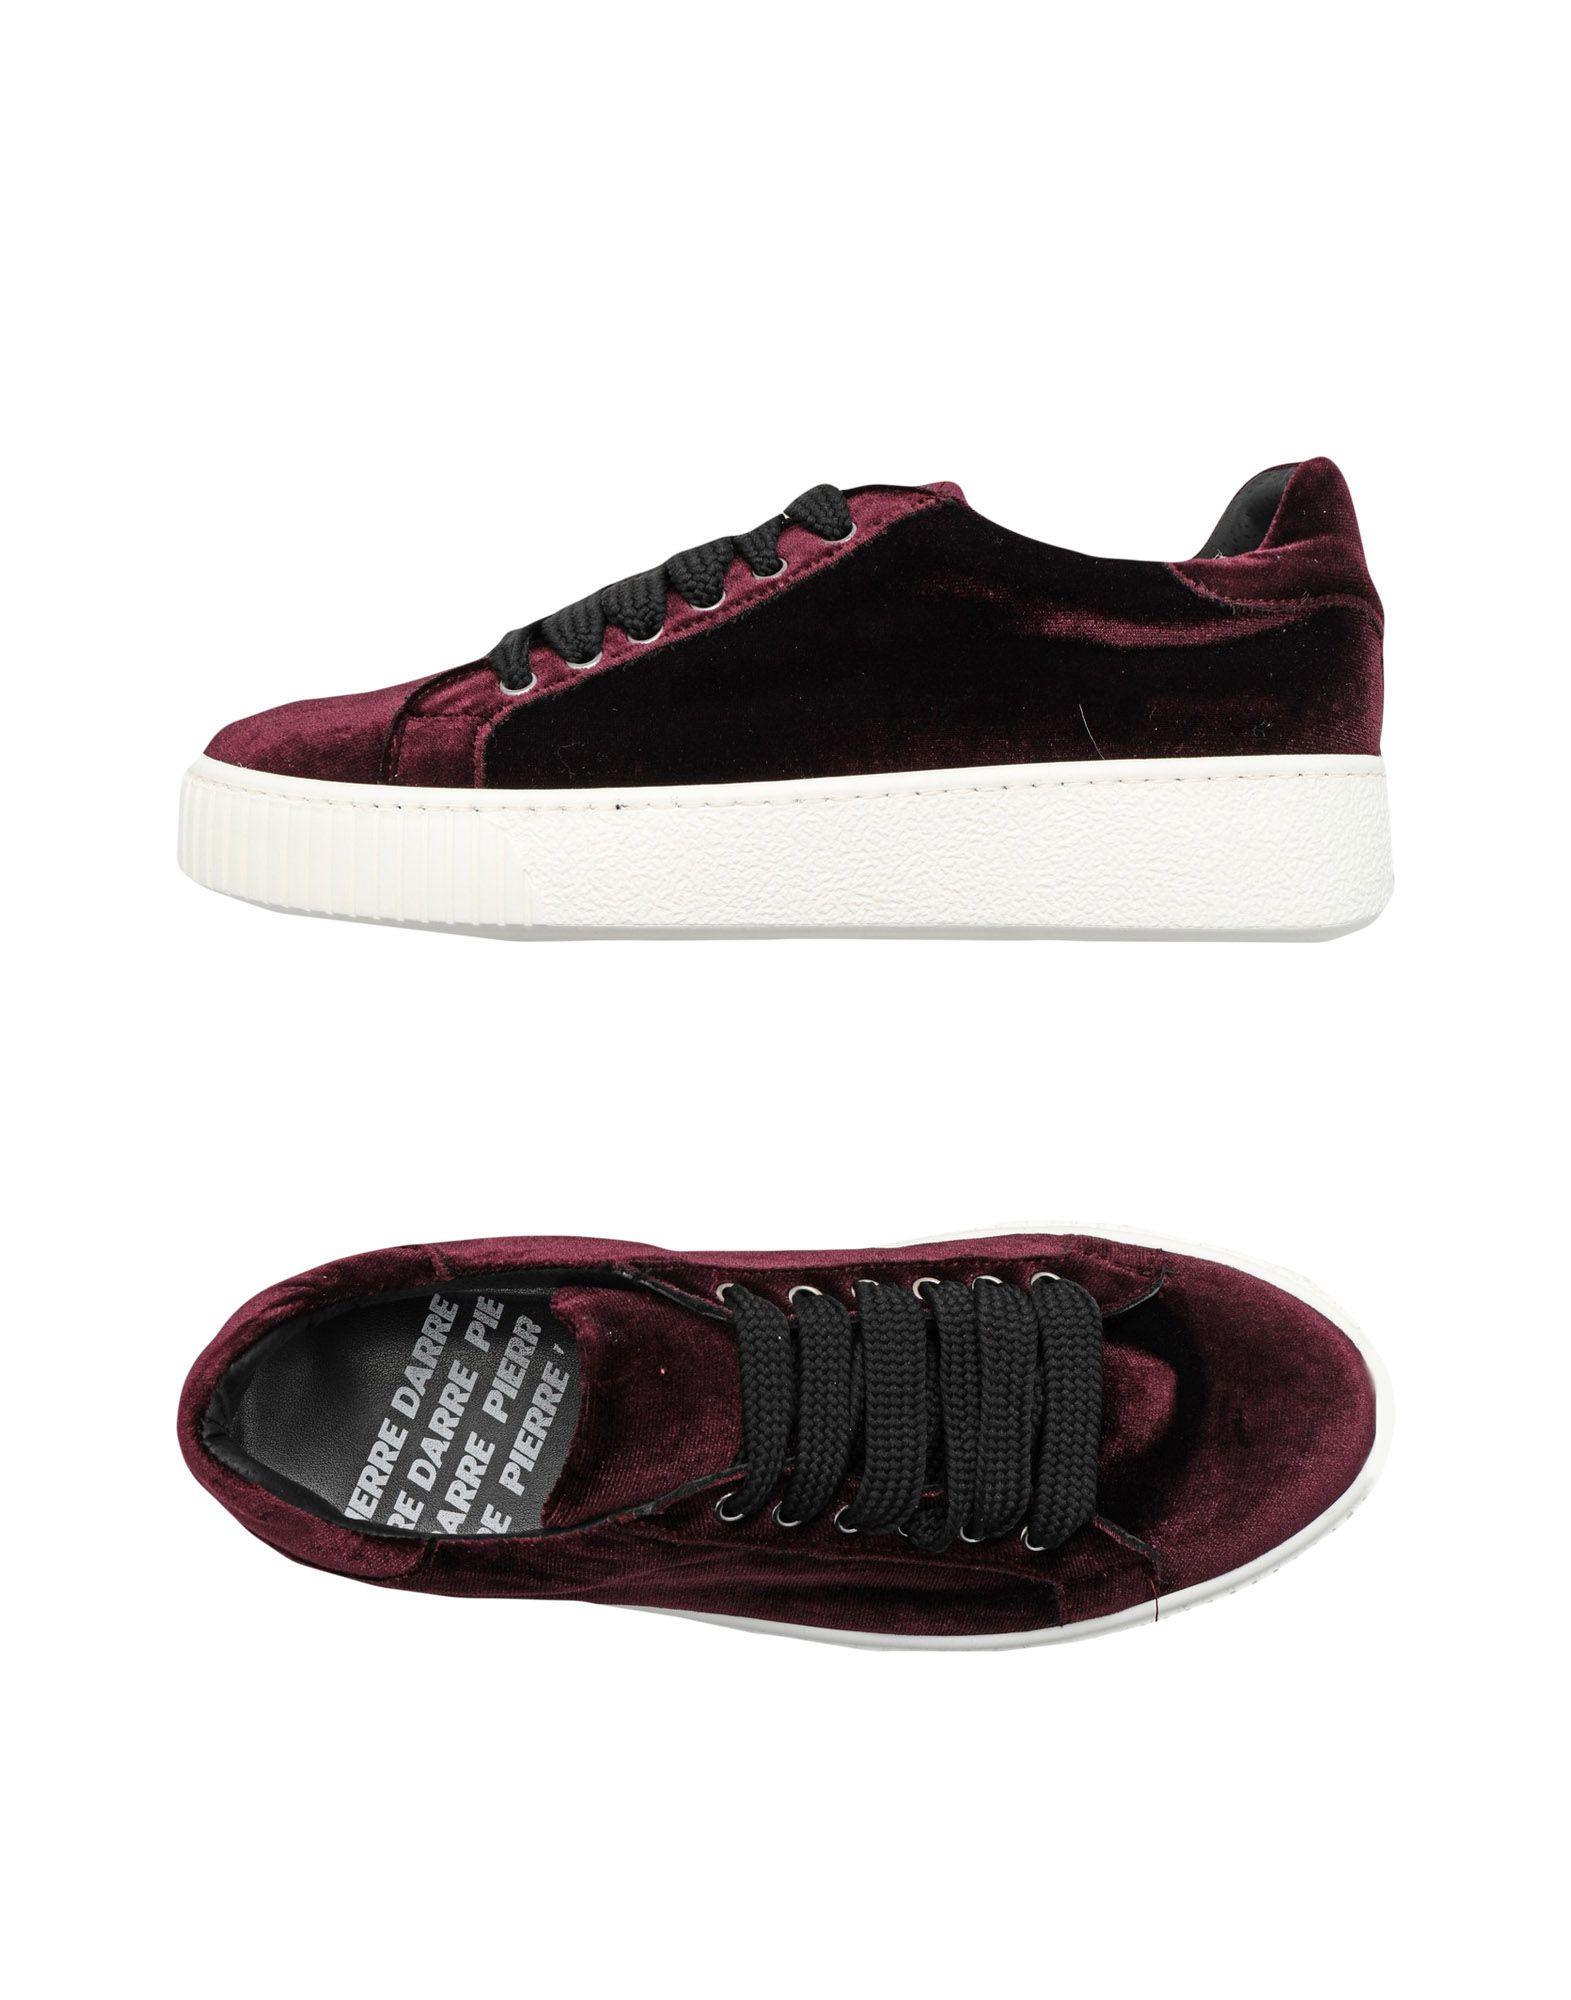 Pierre Darré Sneakers Damen  11524461KN Gute Qualität beliebte Schuhe